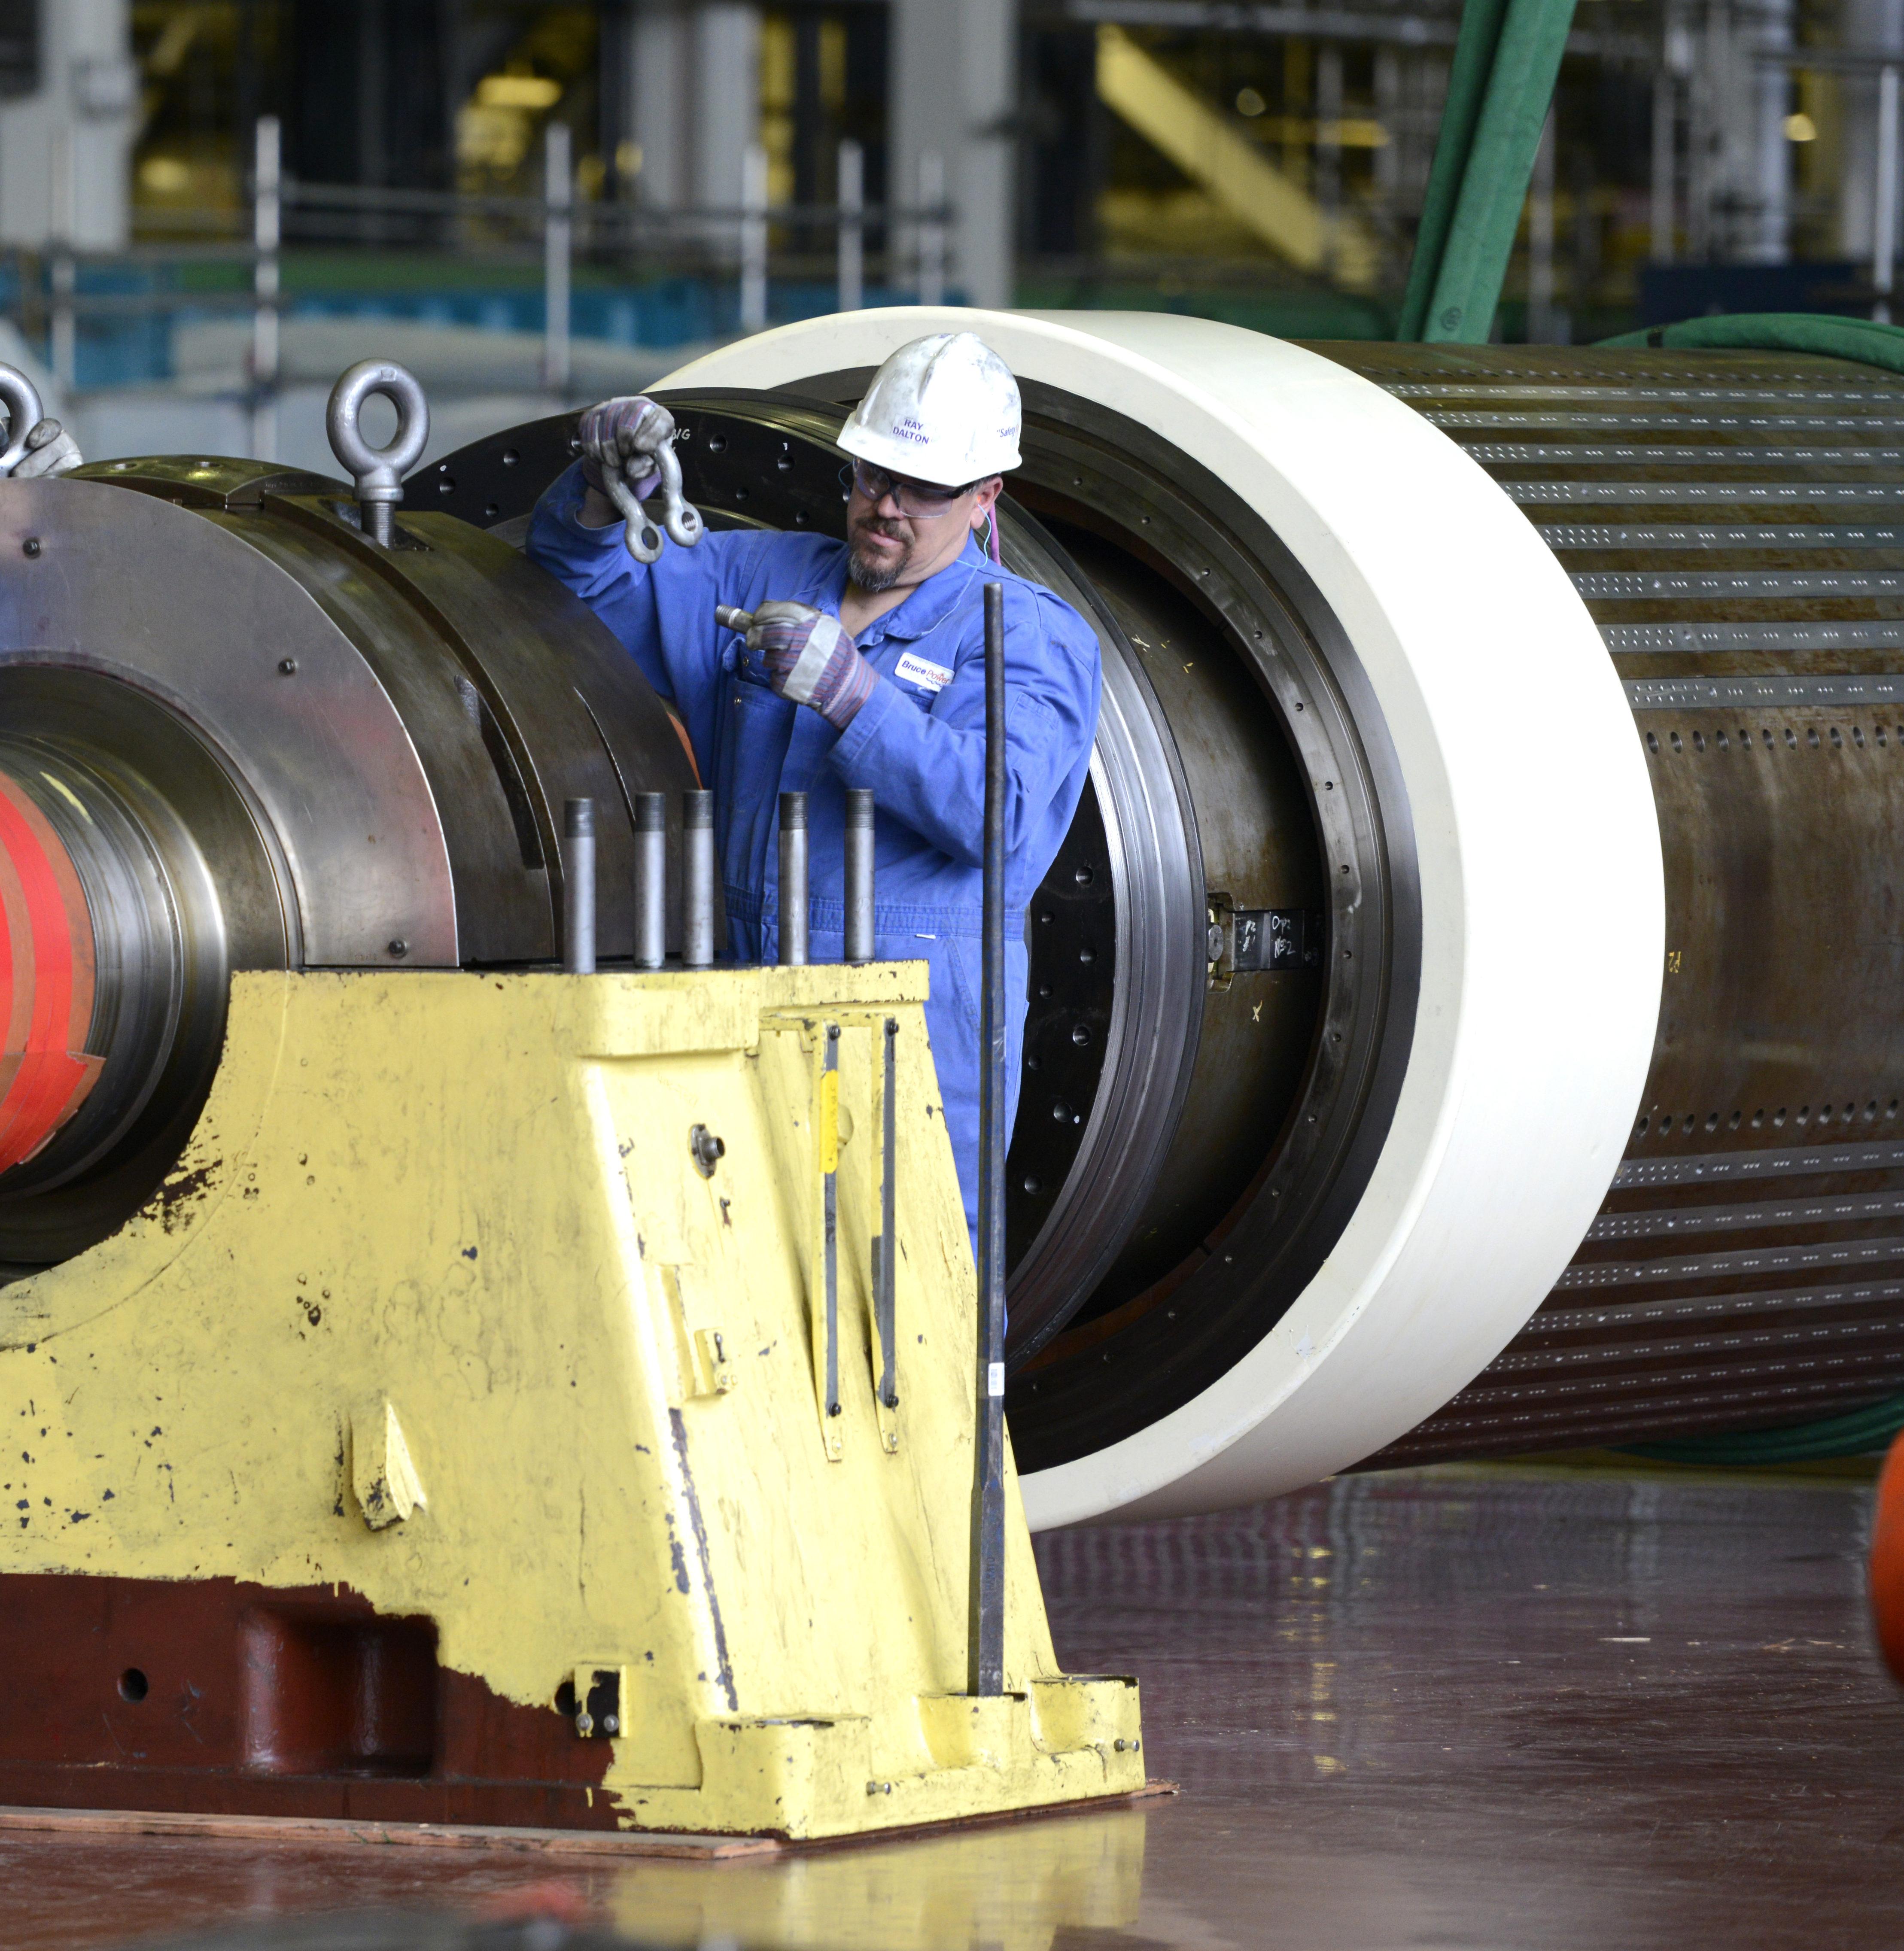 Employee repairs turbine